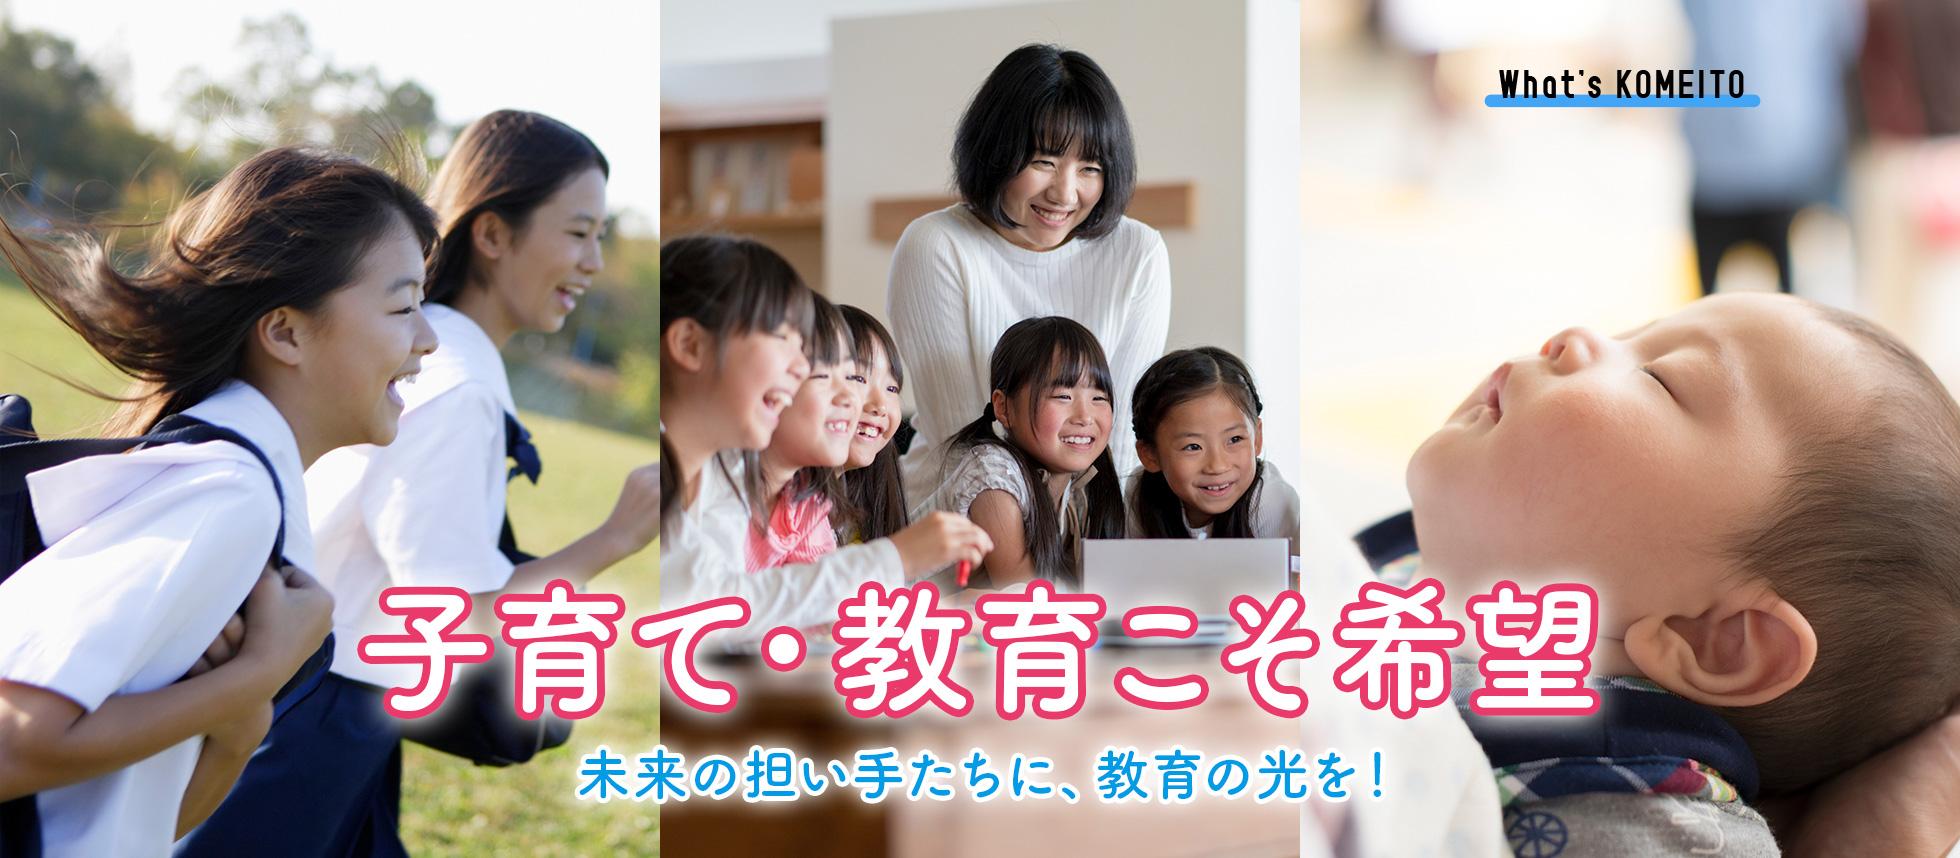 子育て・教育こそ希望 未来の担い手たちに、教育の光を!